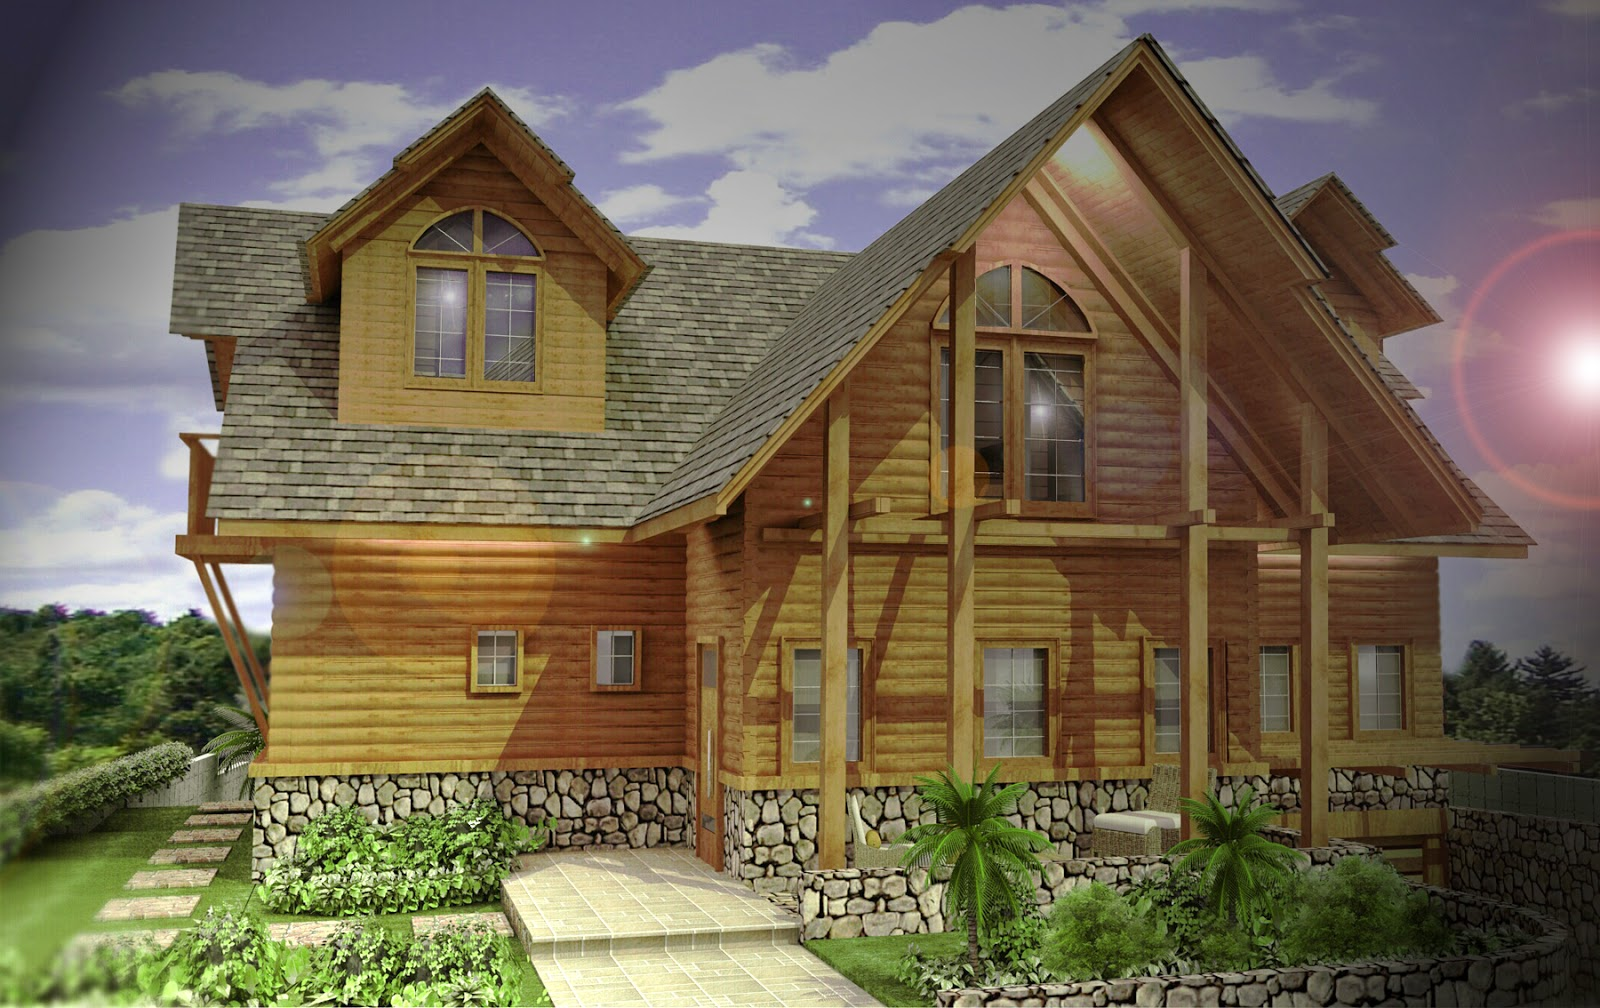 740 Gambar Desain Rumah Kayu Bertingkat Minimalis Gratis Download